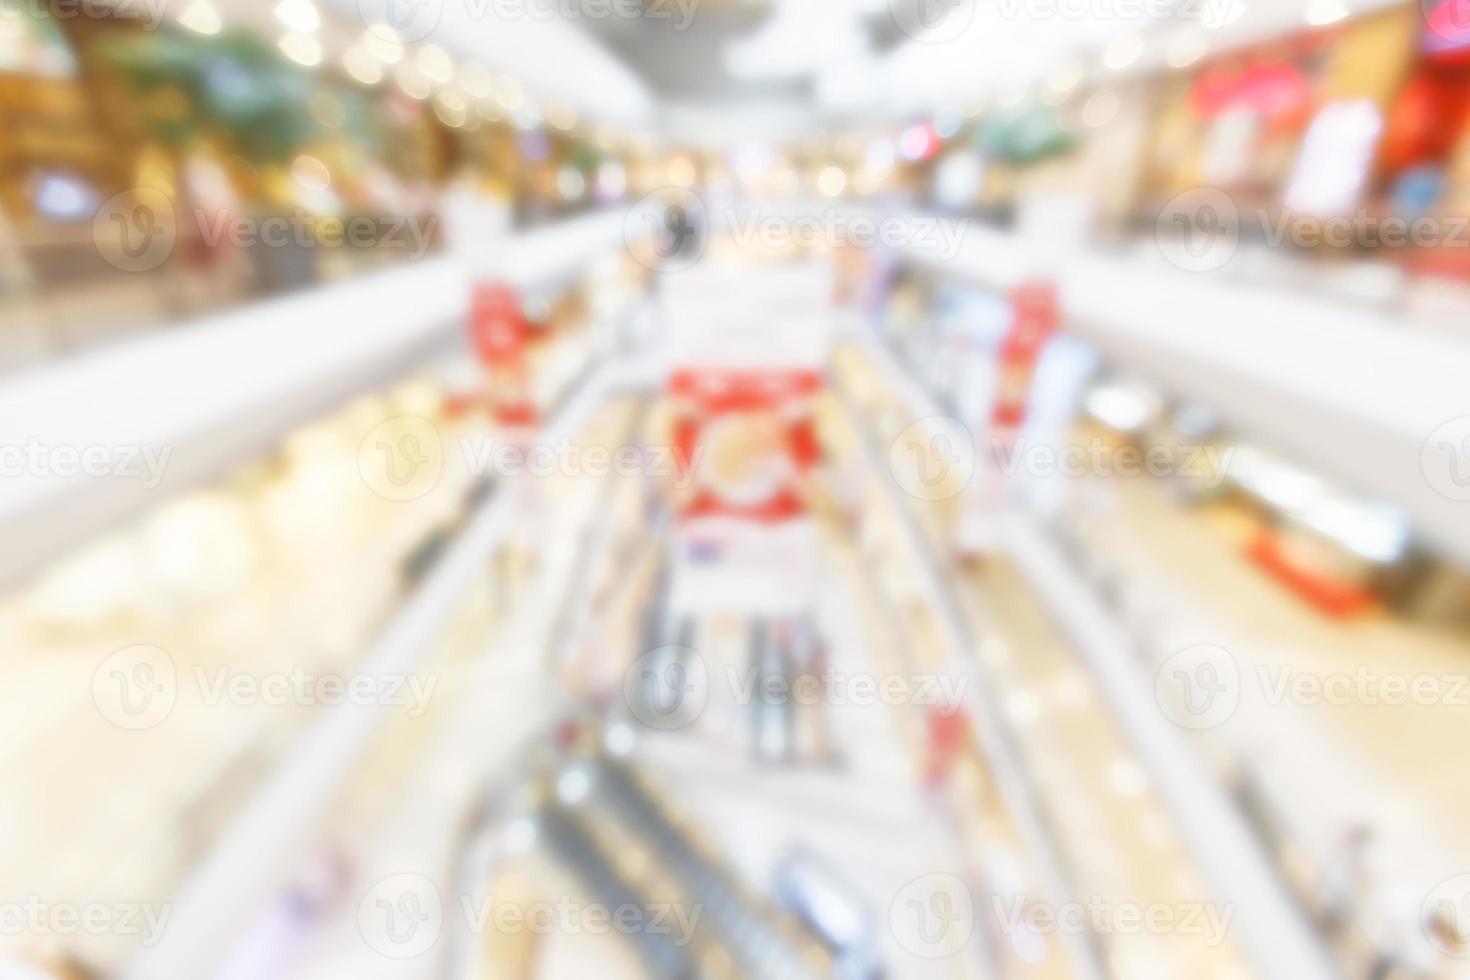 abstrakte verschwommene Manny-Leute, die im Kaufhaus einkaufen. Busi foto